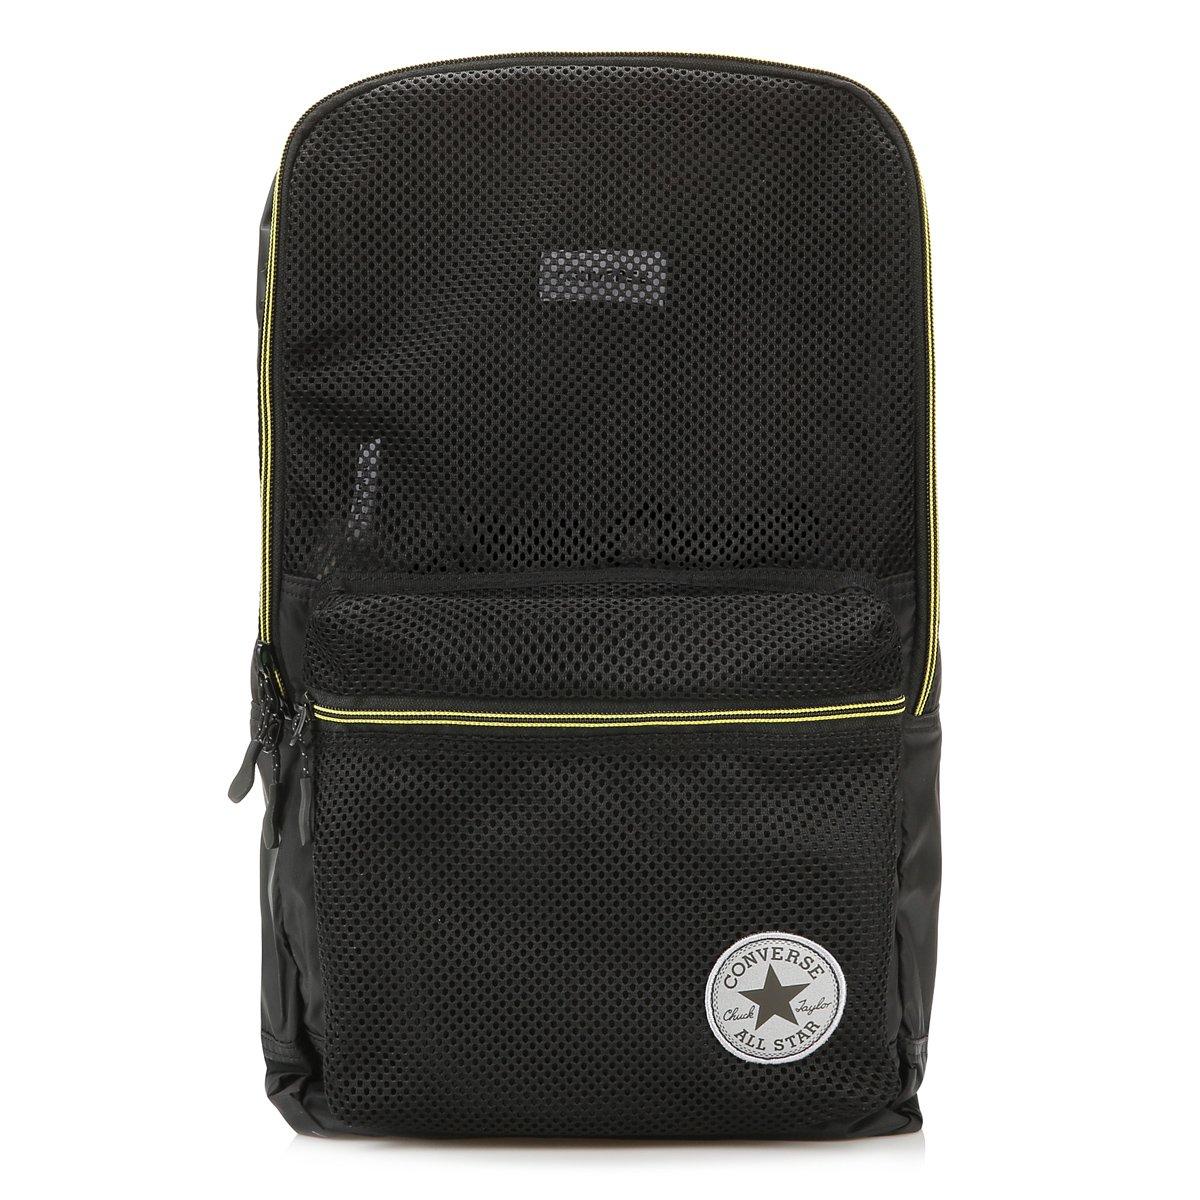 b2d691c8dc25 Converse Black Packable Backpack  Amazon.co.uk  Shoes   Bags